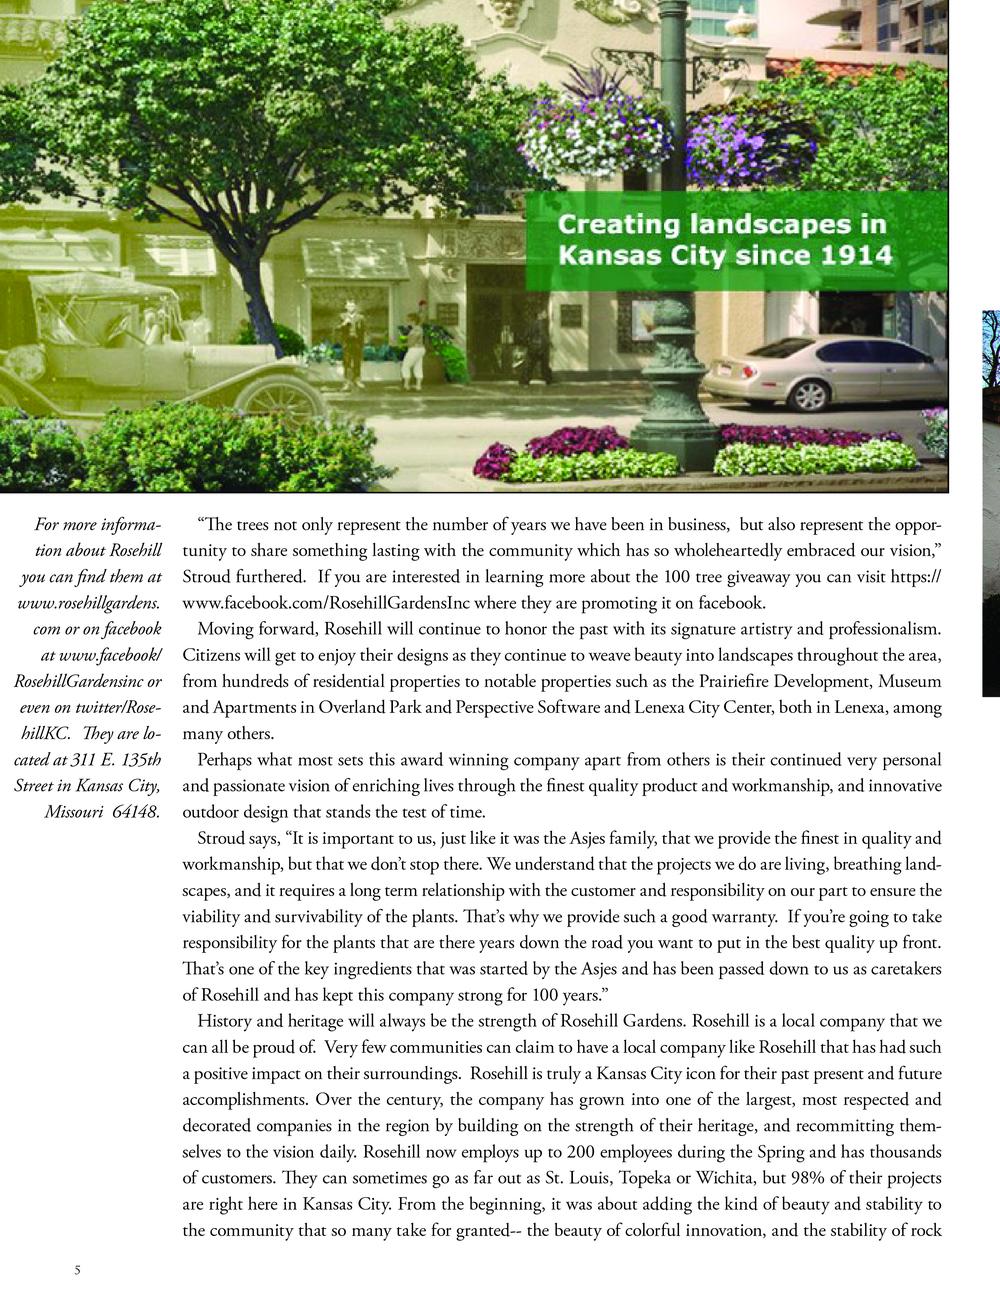 Rosehill Reprint6.jpg